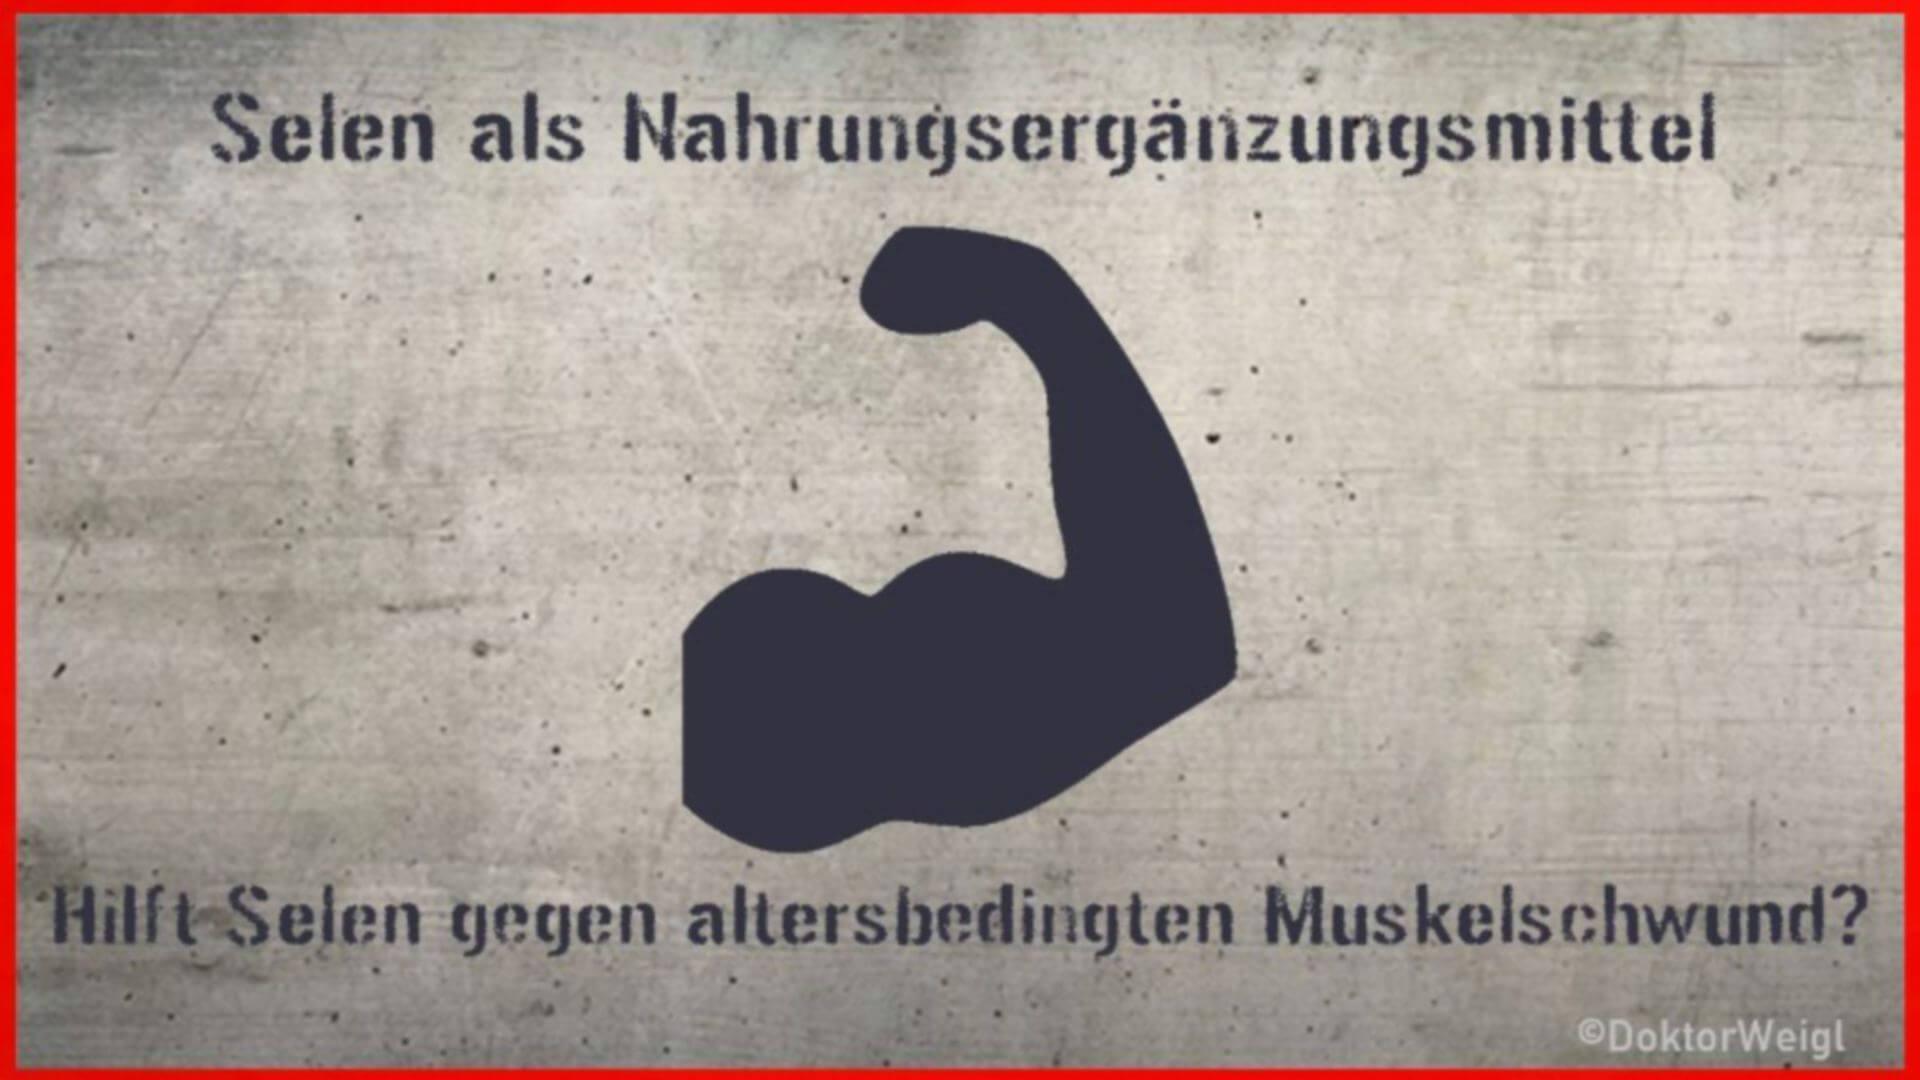 Hilft Selen gegen Muskelschwund im Alter? Das sagt die Forschung!